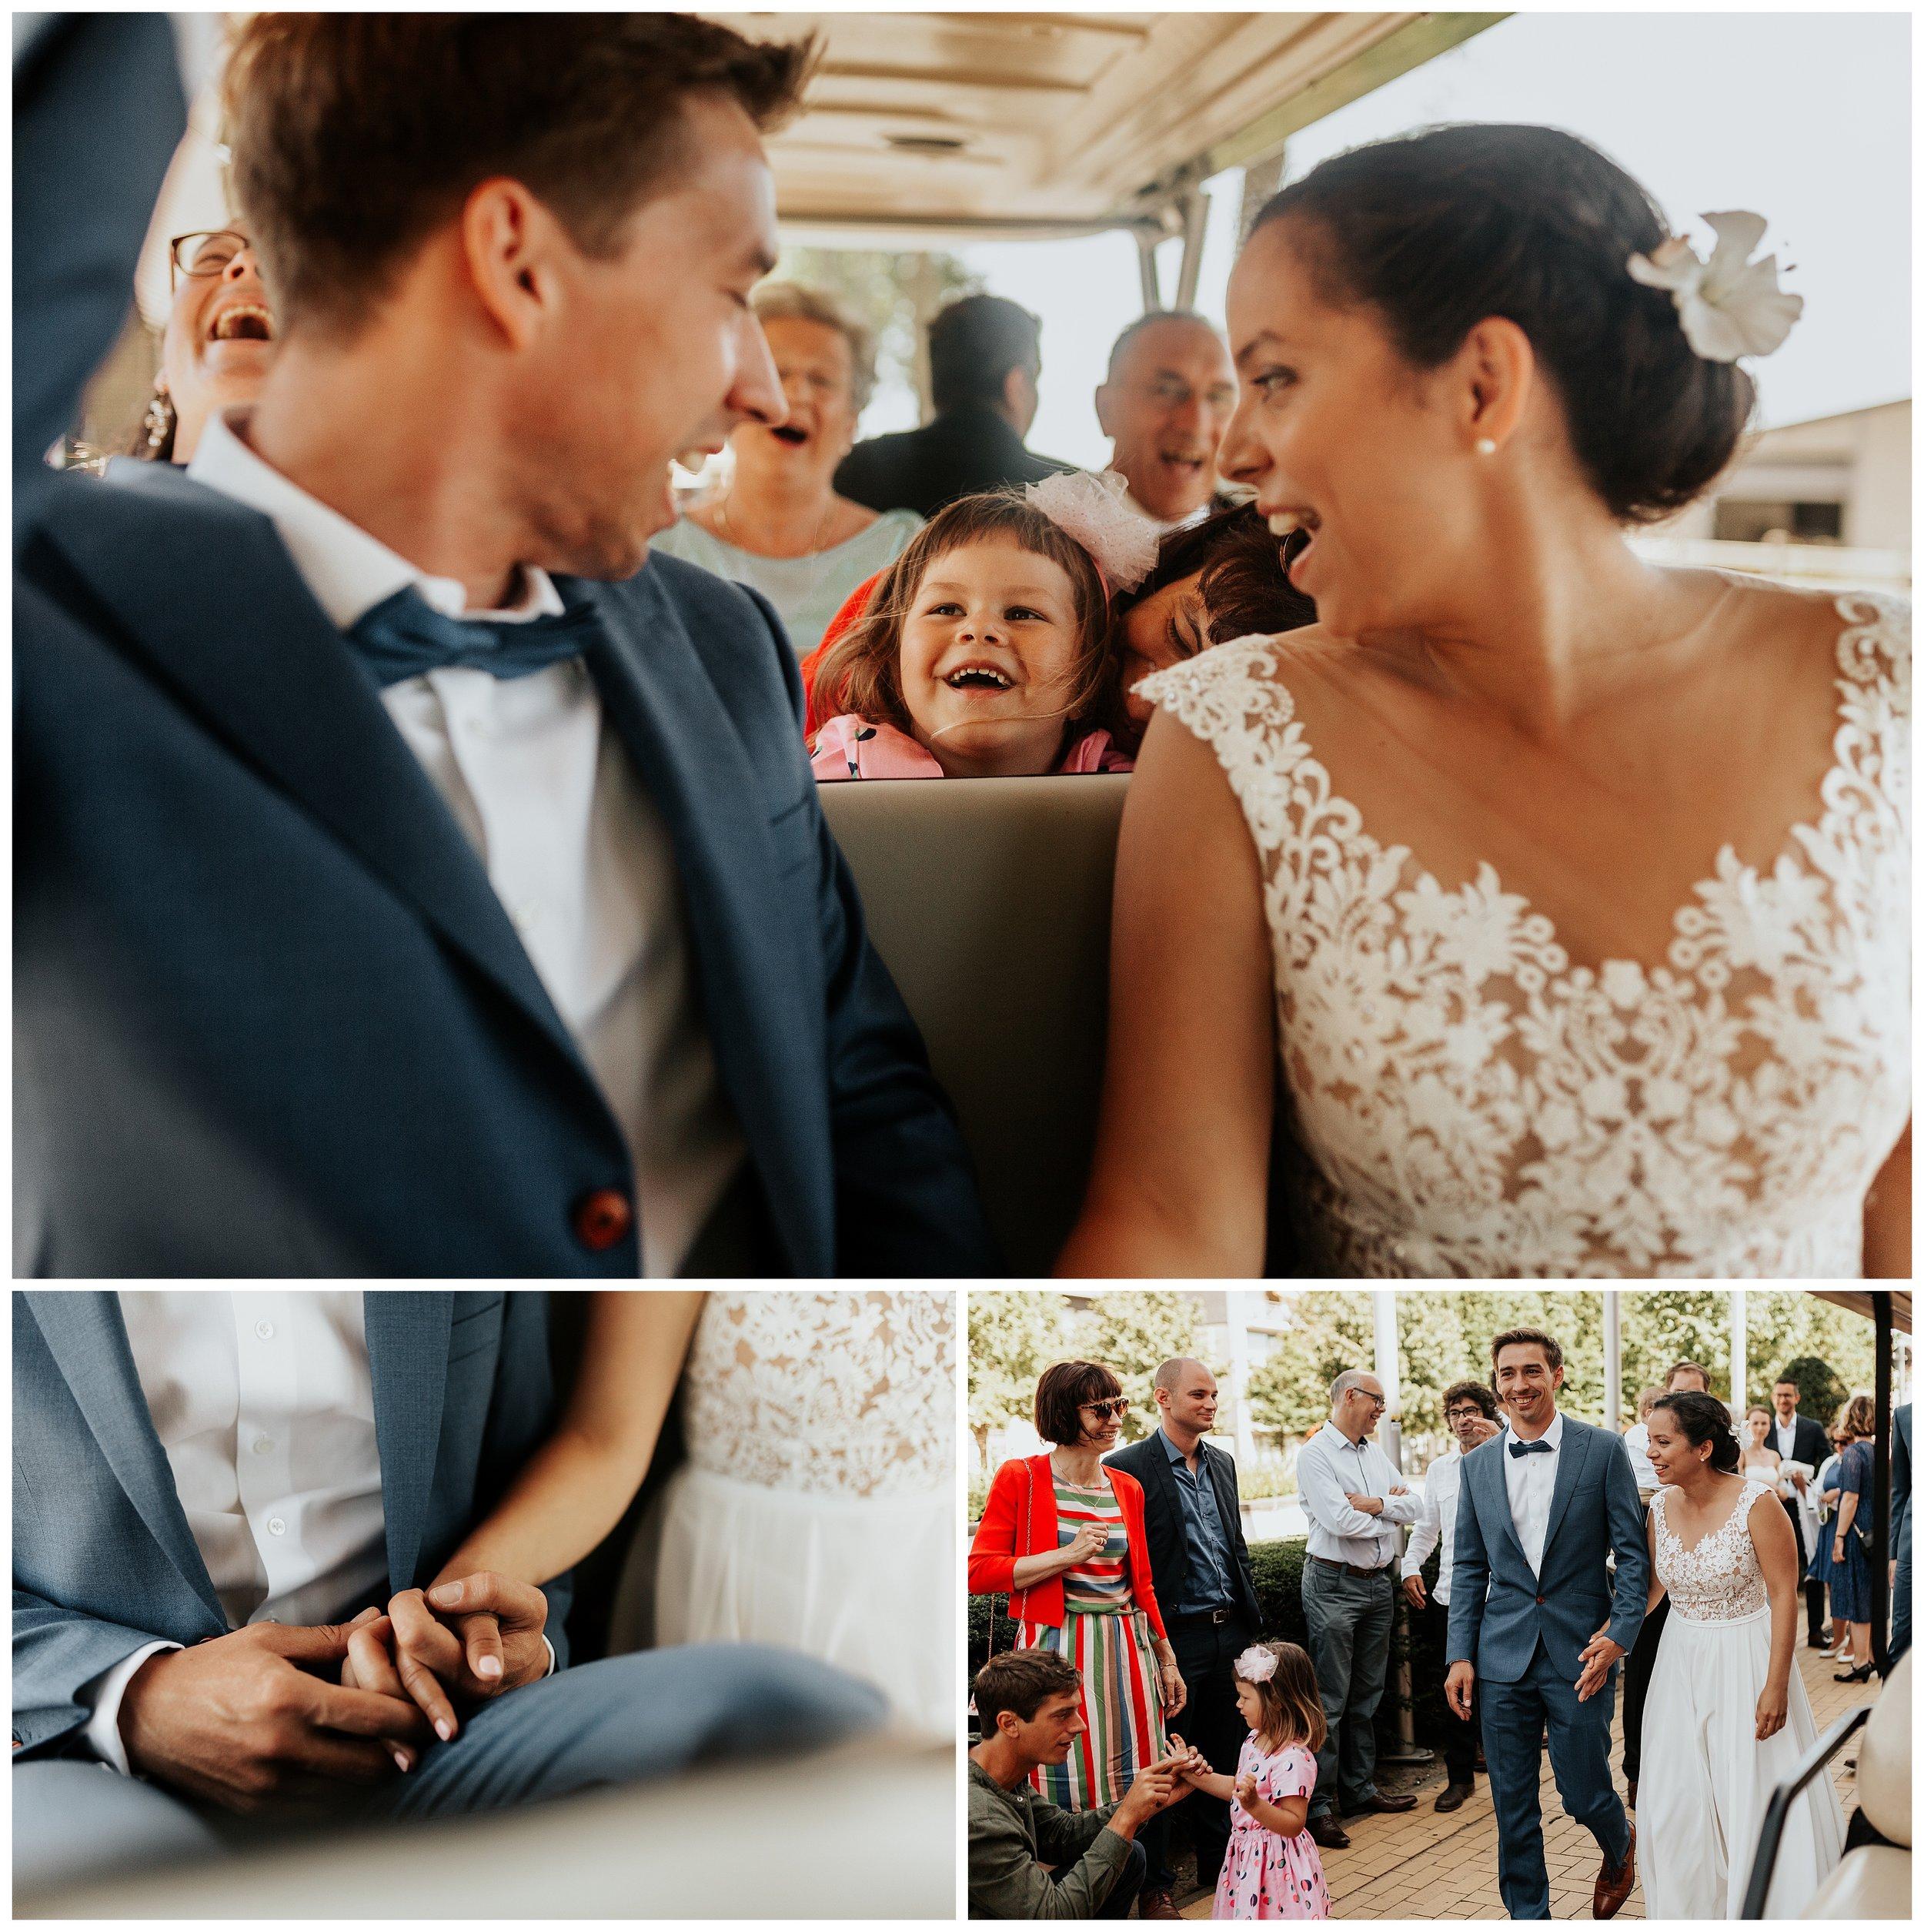 huwelijksfotograaf-huwelijksfotografie-knokke-heist-lisa-helsen-photography-trouwfotograaf-trouwfoto-sabine-pieter_0002.jpg